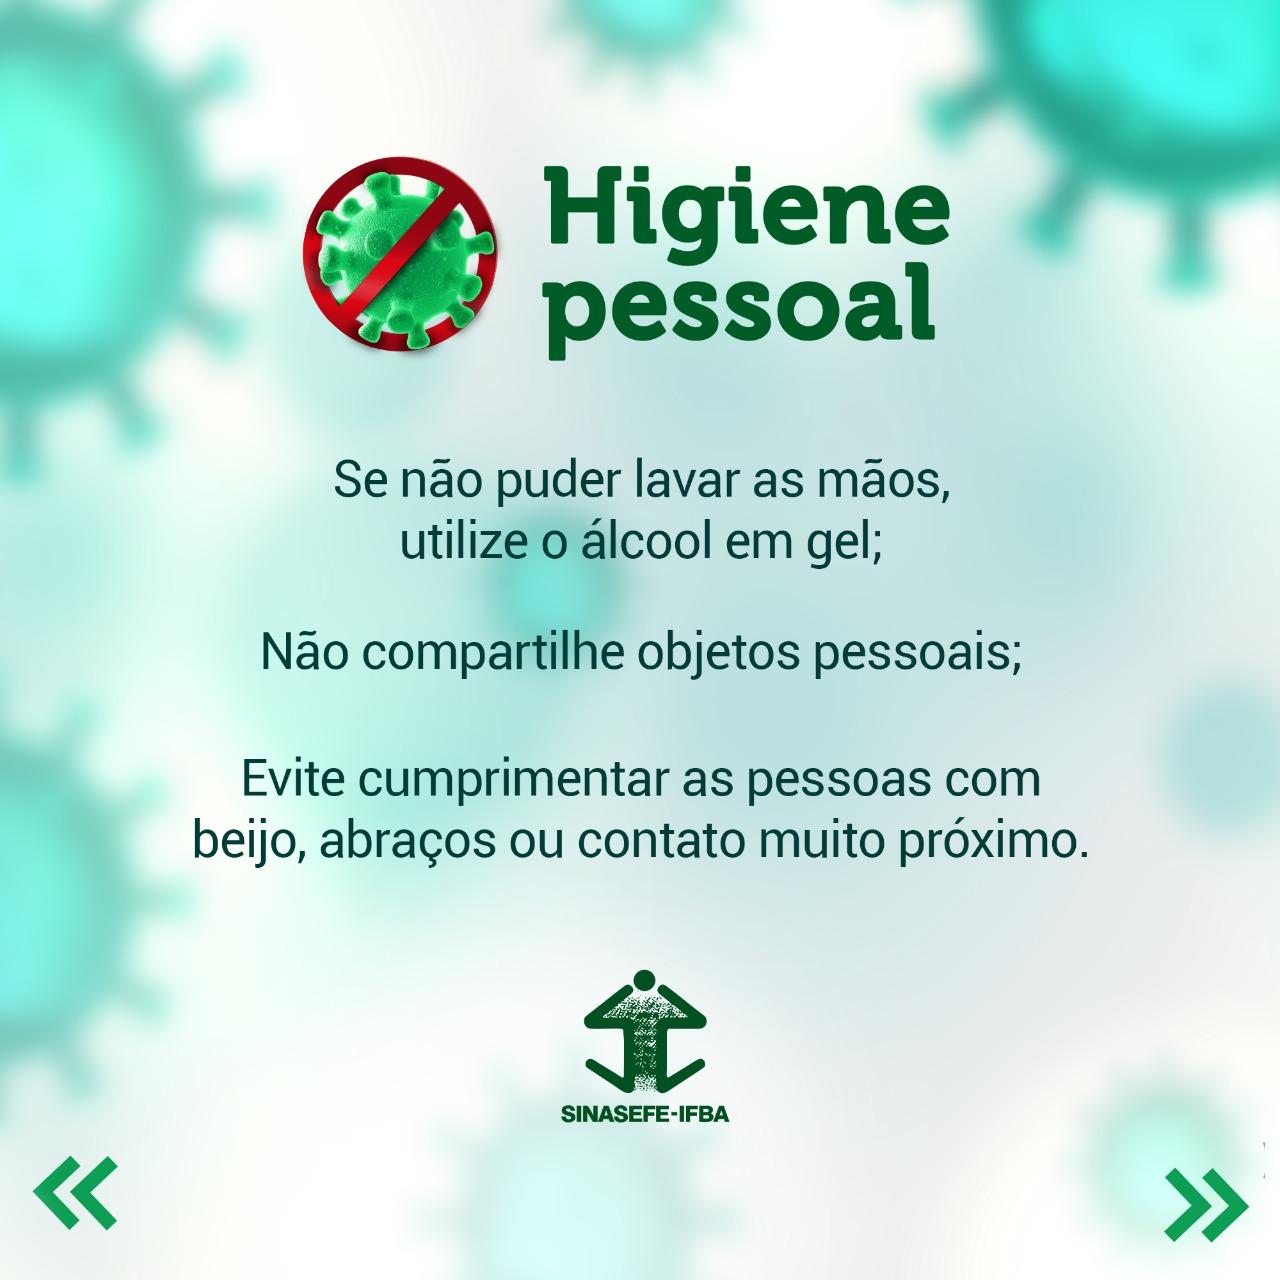 WhatsApp Image 2020-03-25 at 10.39.40